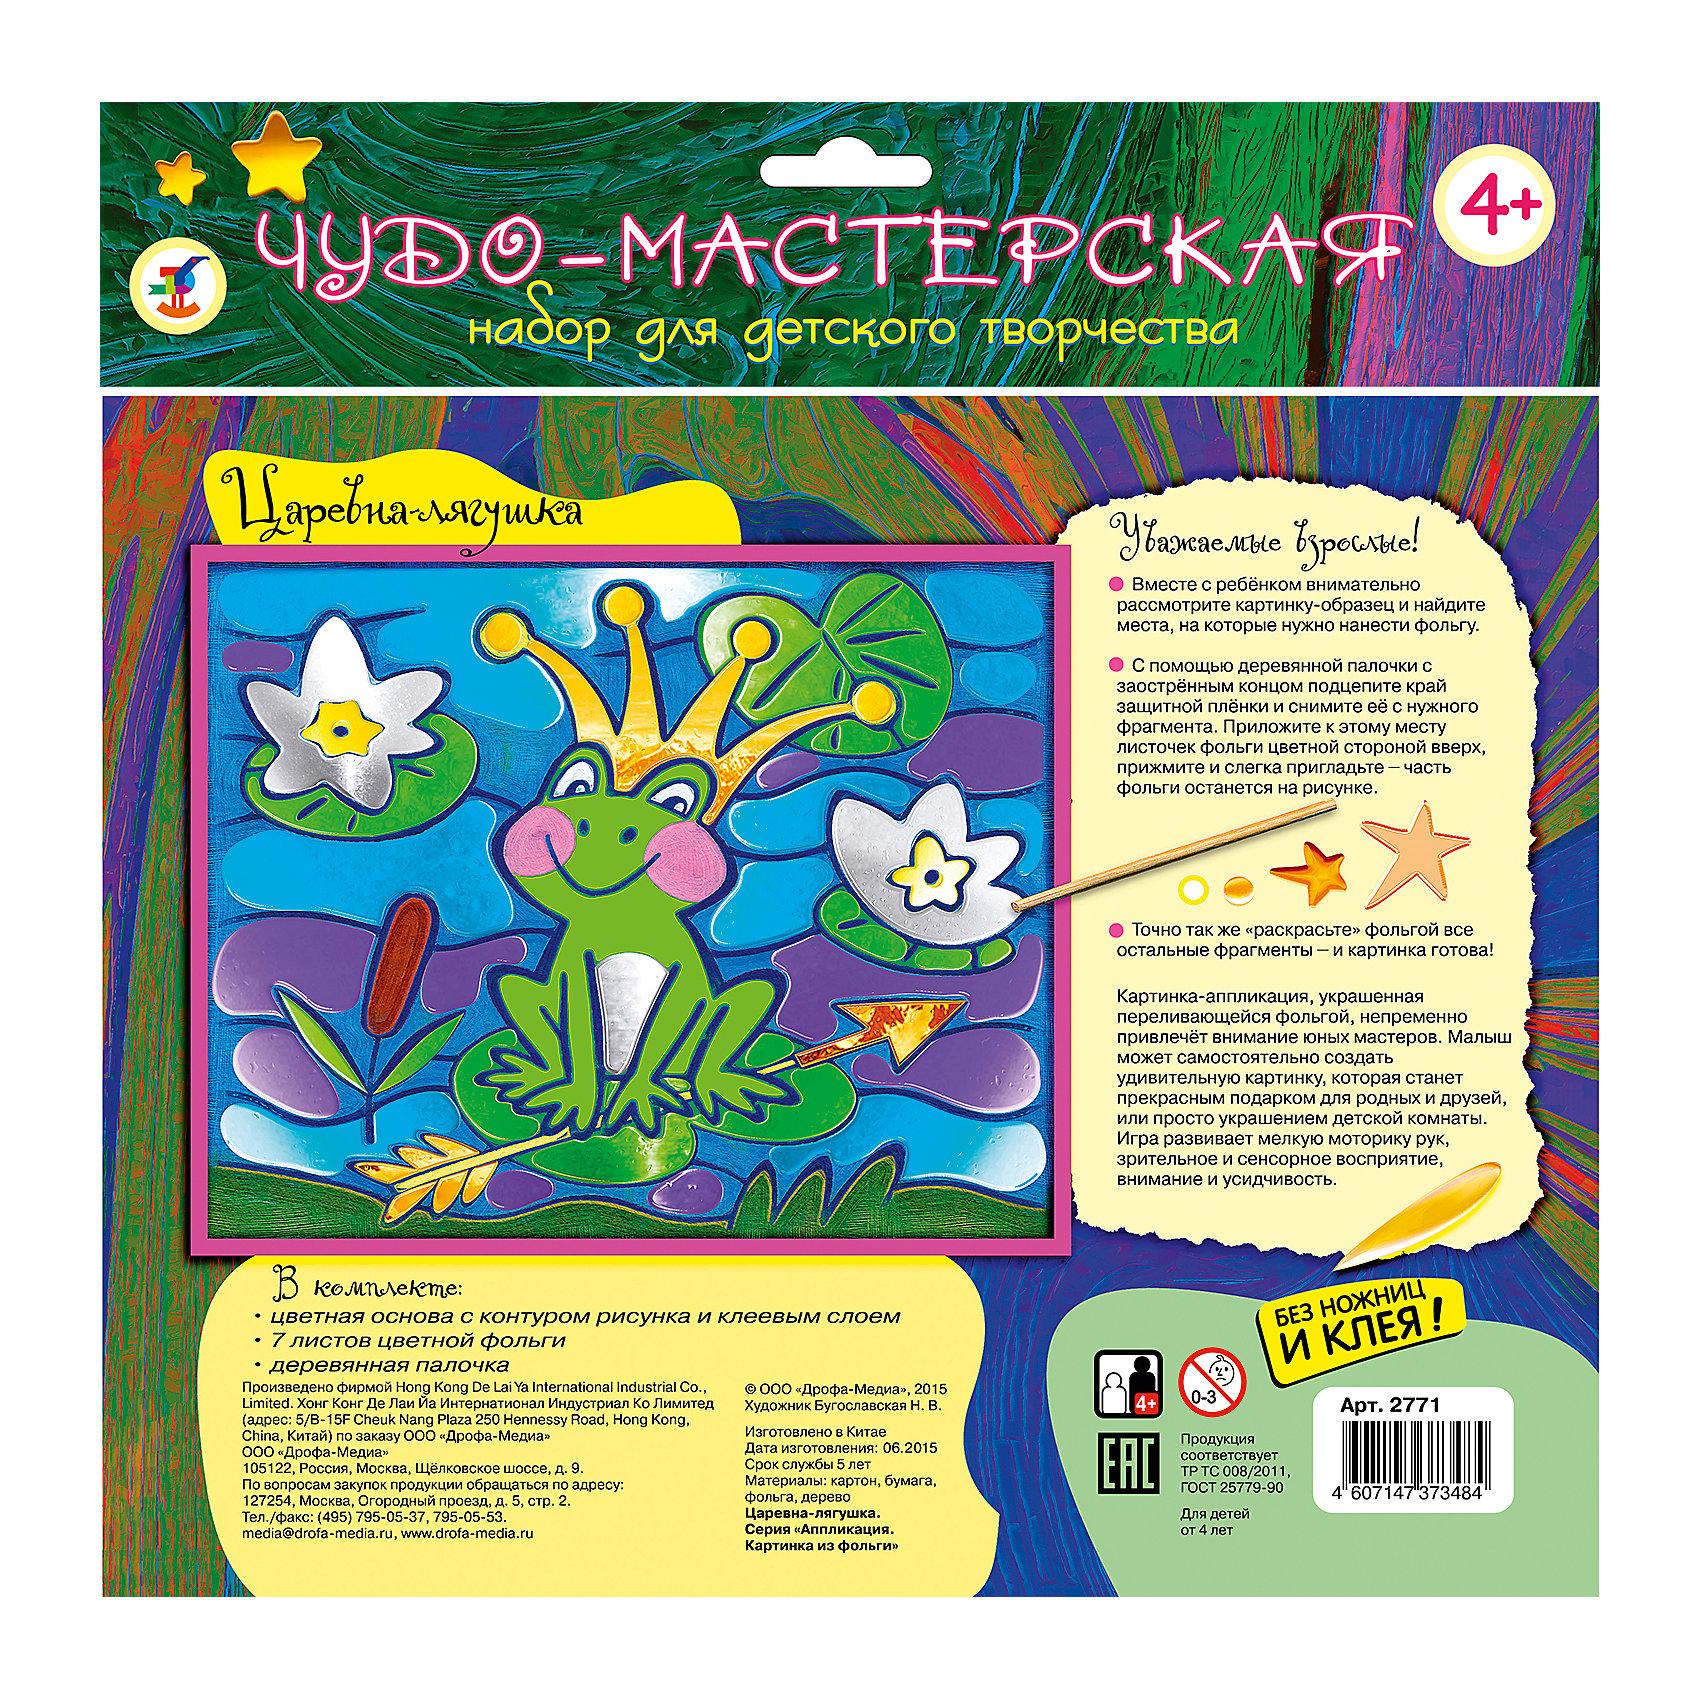 Картинка из фольги Царевна-лягушкаКартинка из фольги Царевна-лягушка наверняка понравится Вашему малышу, а процесс ее изготовления принесет массу удовольствия и положительных эмоций. В комплекте Вы найдете цветную основу с контуром рисунка и клеевым слоем, листы цветной фольги и деревянную палочку. Вместе с ребенком рассмотрите картинку-основу и найдите места, которые нужно раскрасить фольгой. Аккуратно снимите защитный слой с нужного фрагмента и приложите к нему листочек фольги цветной стороной вверх - часть фольги останется на рисунке. Нанесите фольгу на все оставшиеся детали рисунка. Яркая картинка с изображением Царевны-лягушки из волшебной сказки украсит комнату ребенка или станет подарком, сделанным собственными руками для друзей и родных. Набор способствует развитию мелкой моторики рук, зрительного и сенсорного восприятия, внимания и усидчивости.<br><br>Дополнительная информация:<br><br>- В комплекте: цветная основа с контурным рисунком и клеевым слоем, 7 листов цветной фольги, деревянная палочка.<br>- Материал: картон, бумага, фольга.<br>- Размер упаковки: 26 х 21 х 0,2 см.<br>- Вес: 32 гр.<br><br>Картинку из фольги Царевна-лягушка, Дрофа Медиа, можно купить в нашем интернет-магазине.<br><br>Ширина мм: 260<br>Глубина мм: 205<br>Высота мм: 2<br>Вес г: 85<br>Возраст от месяцев: 48<br>Возраст до месяцев: 2147483647<br>Пол: Унисекс<br>Возраст: Детский<br>SKU: 4561836